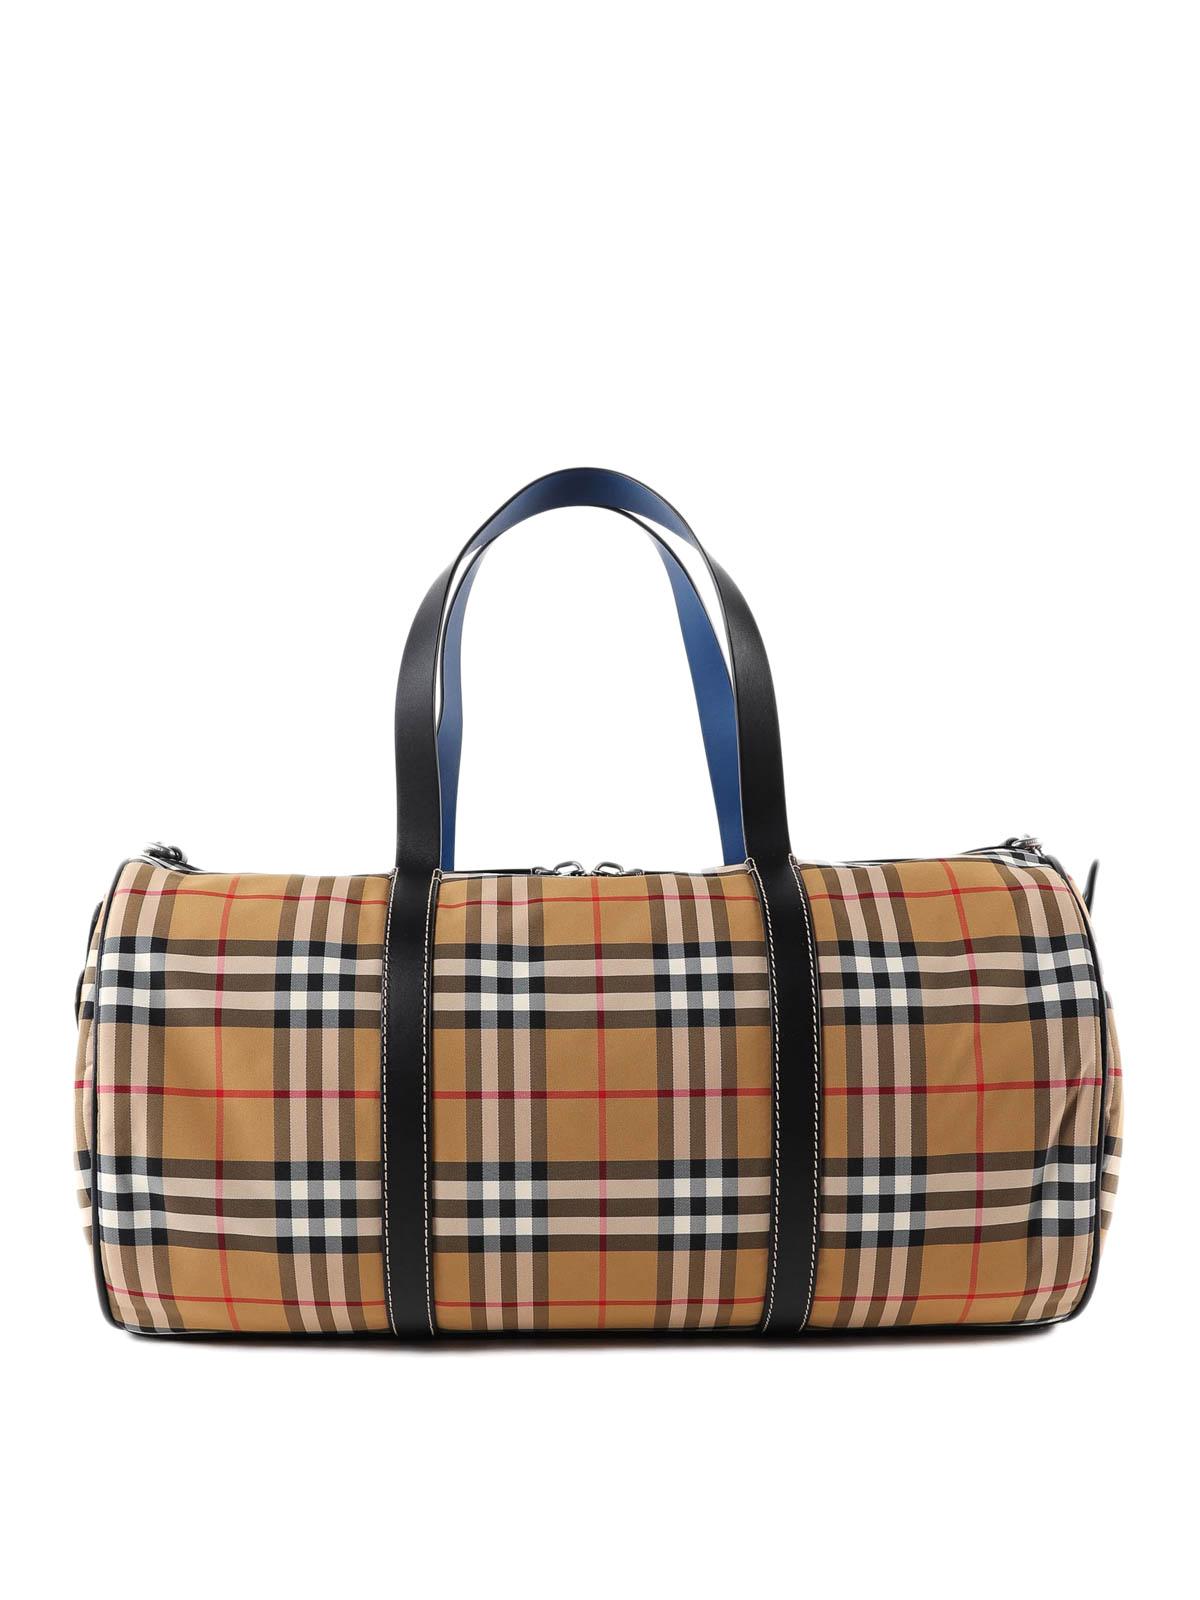 Burberry - Vintage check nylon duffle bag - Luggage   Travel bags ... 1df45854f9